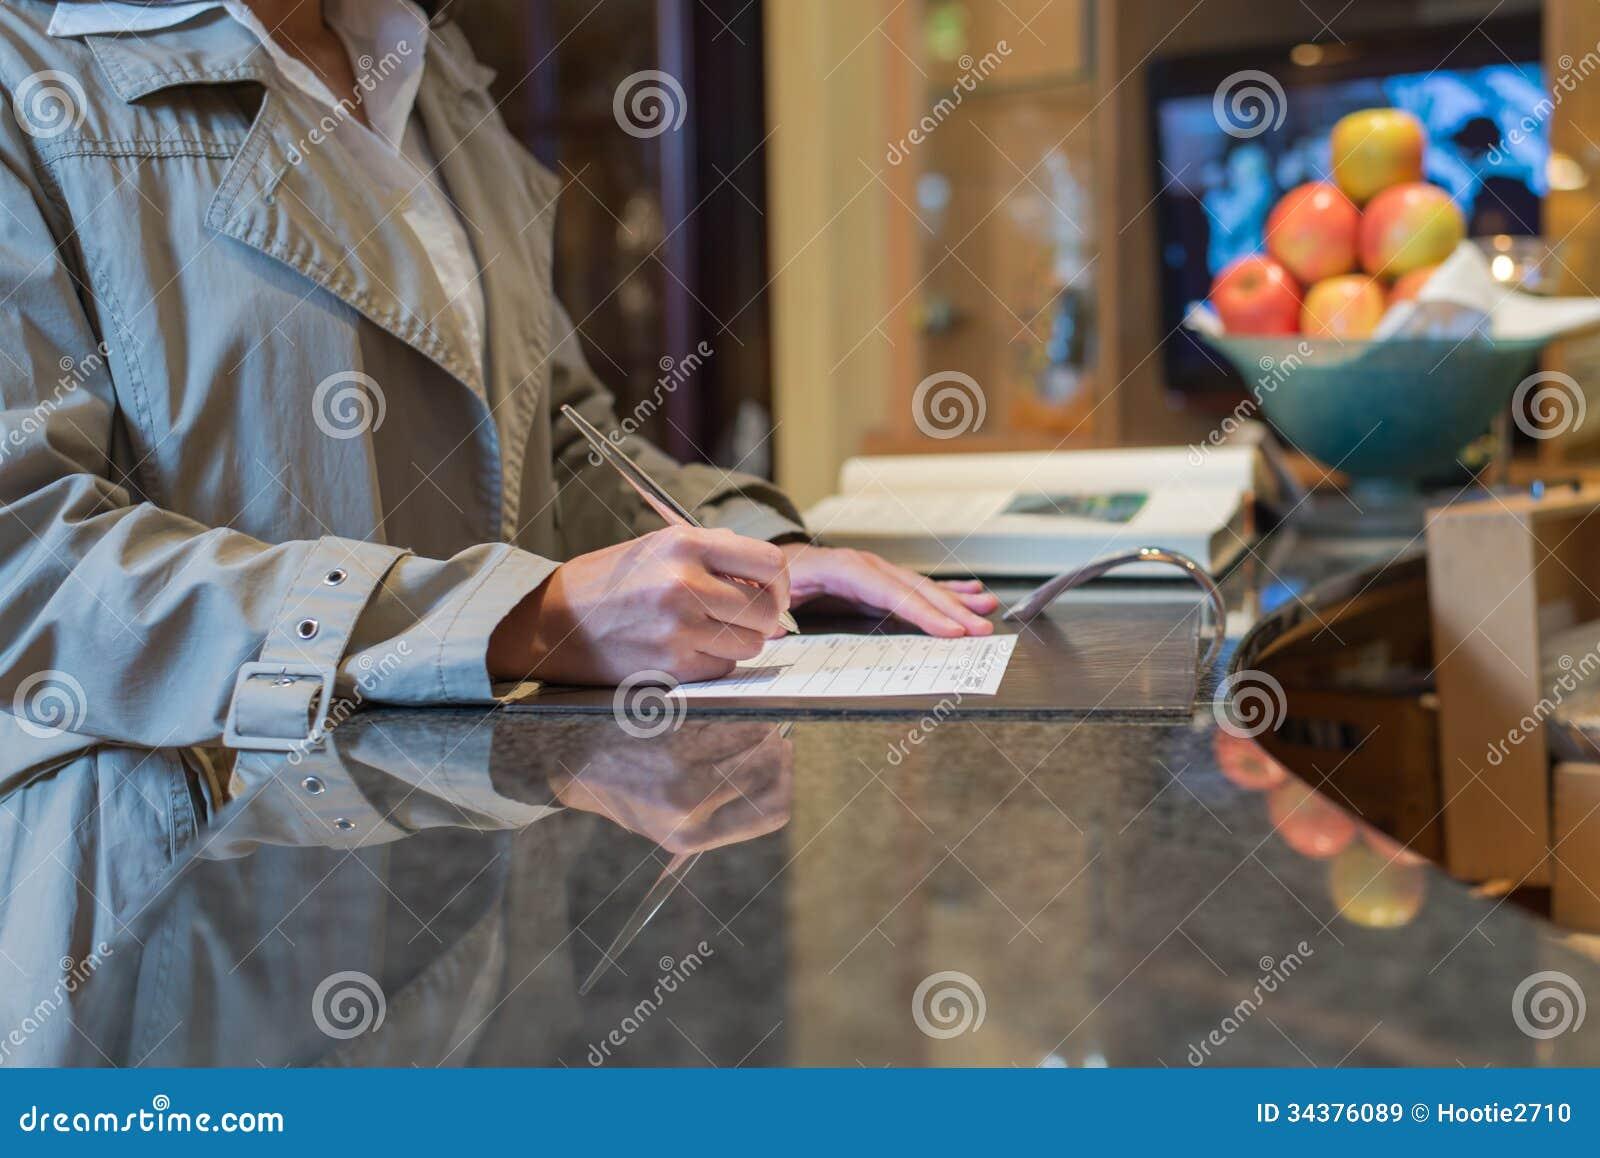 Convidado que enche-se no formulário de inscrição